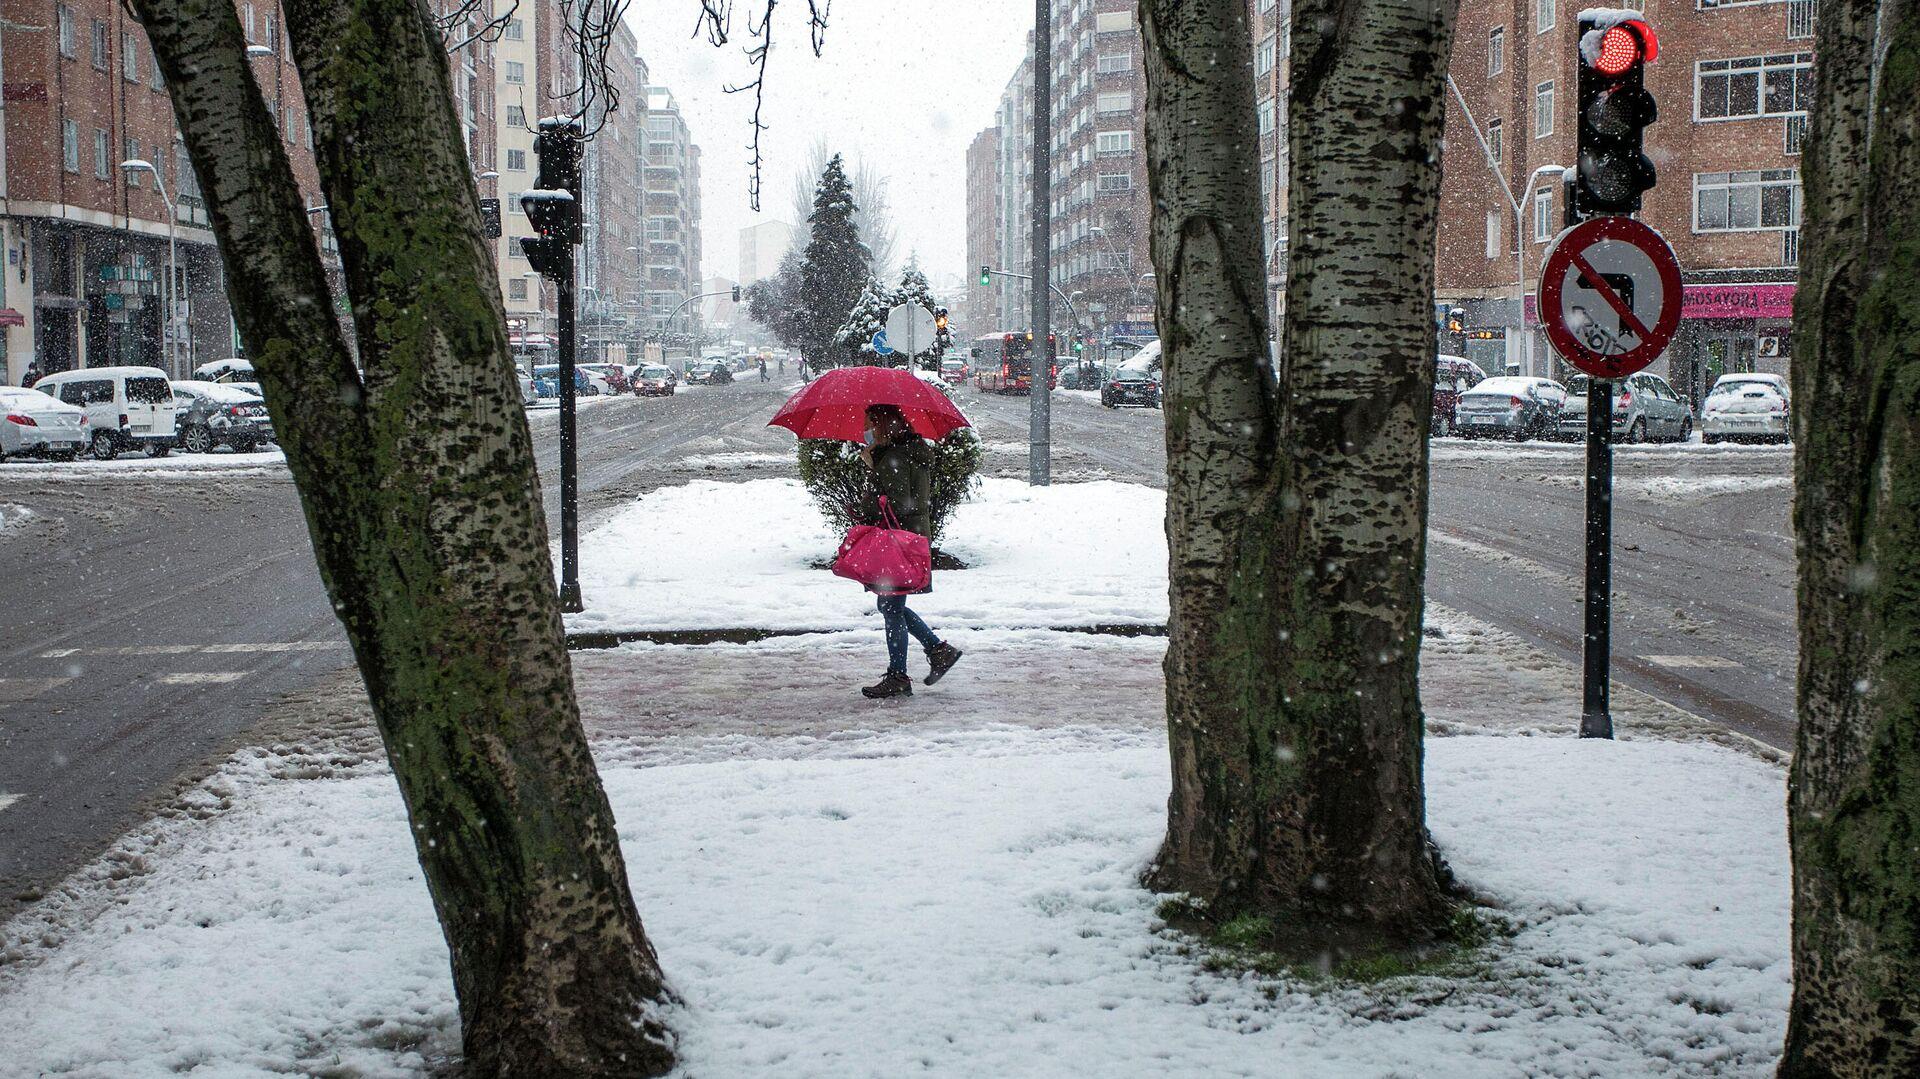 Temporal de nieve en Burgos el 8 de marzo de 2021 - Sputnik Mundo, 1920, 08.03.2021